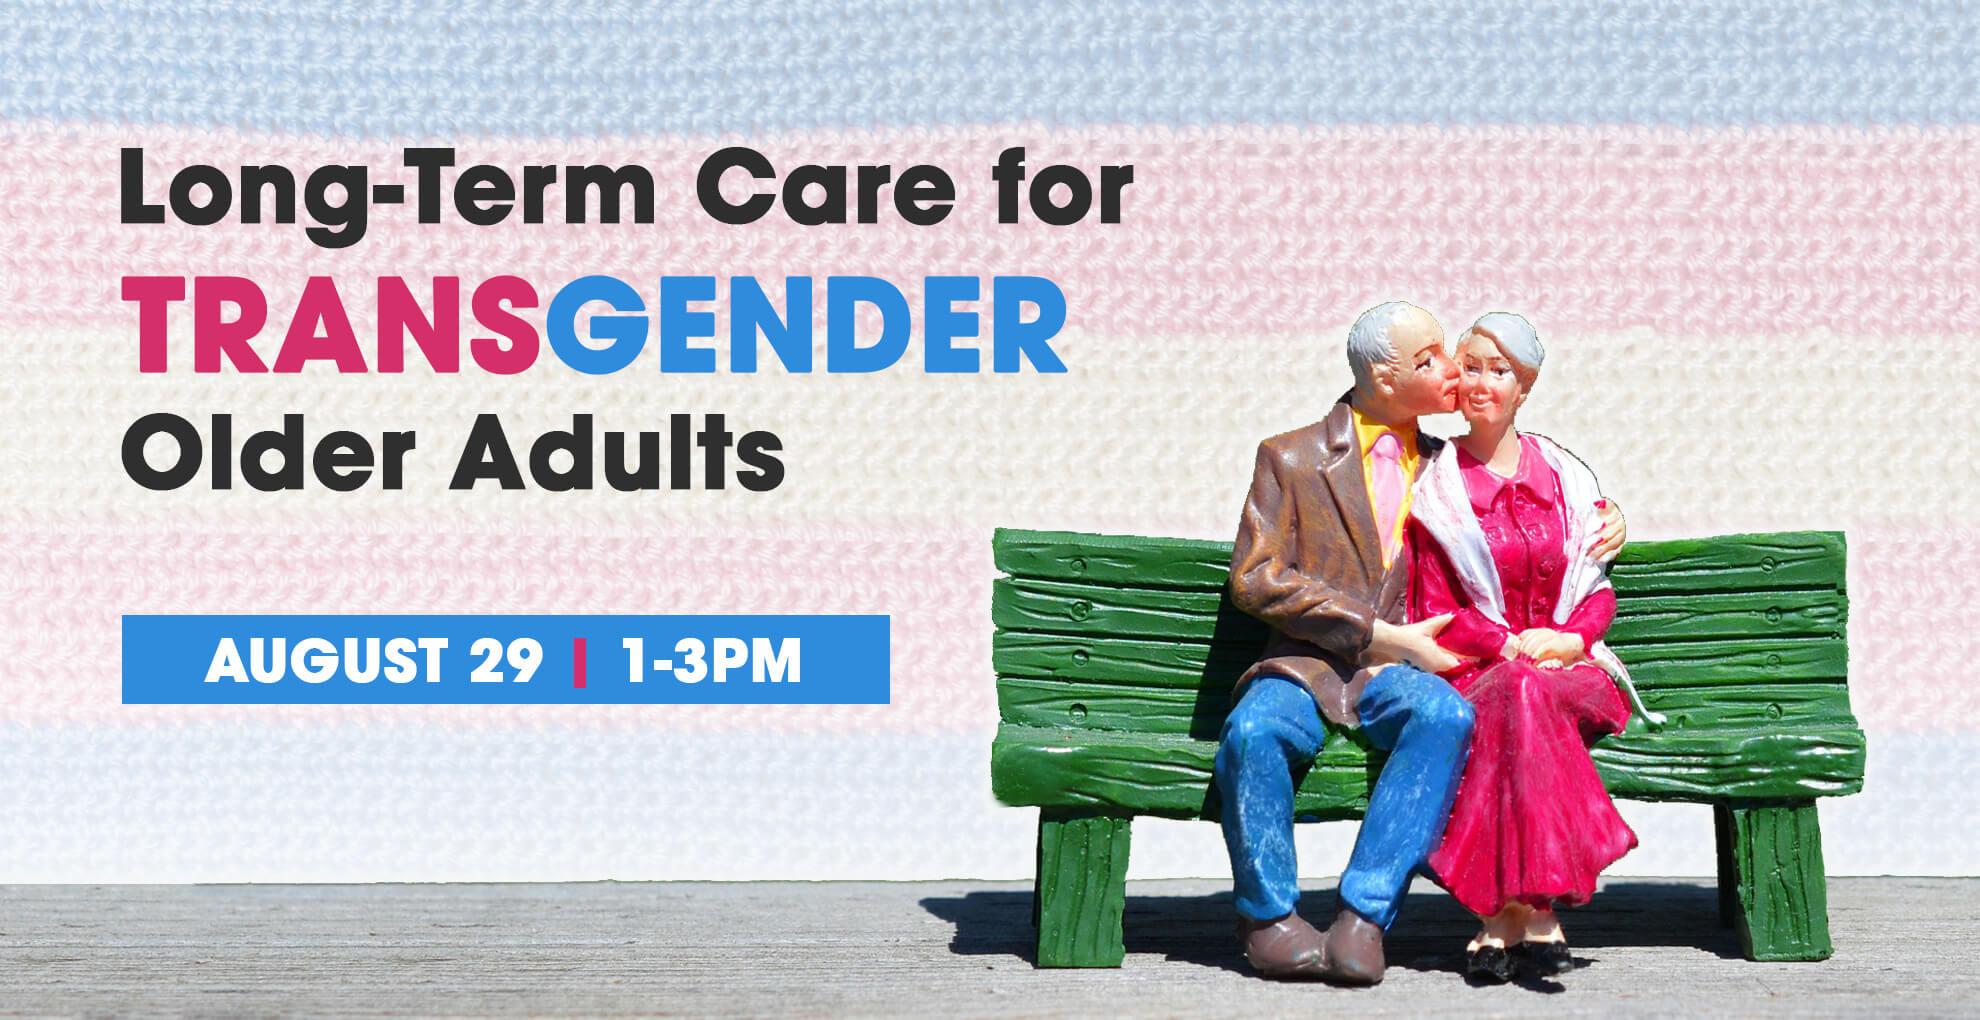 Long-Term Care for Transgender Older Adults